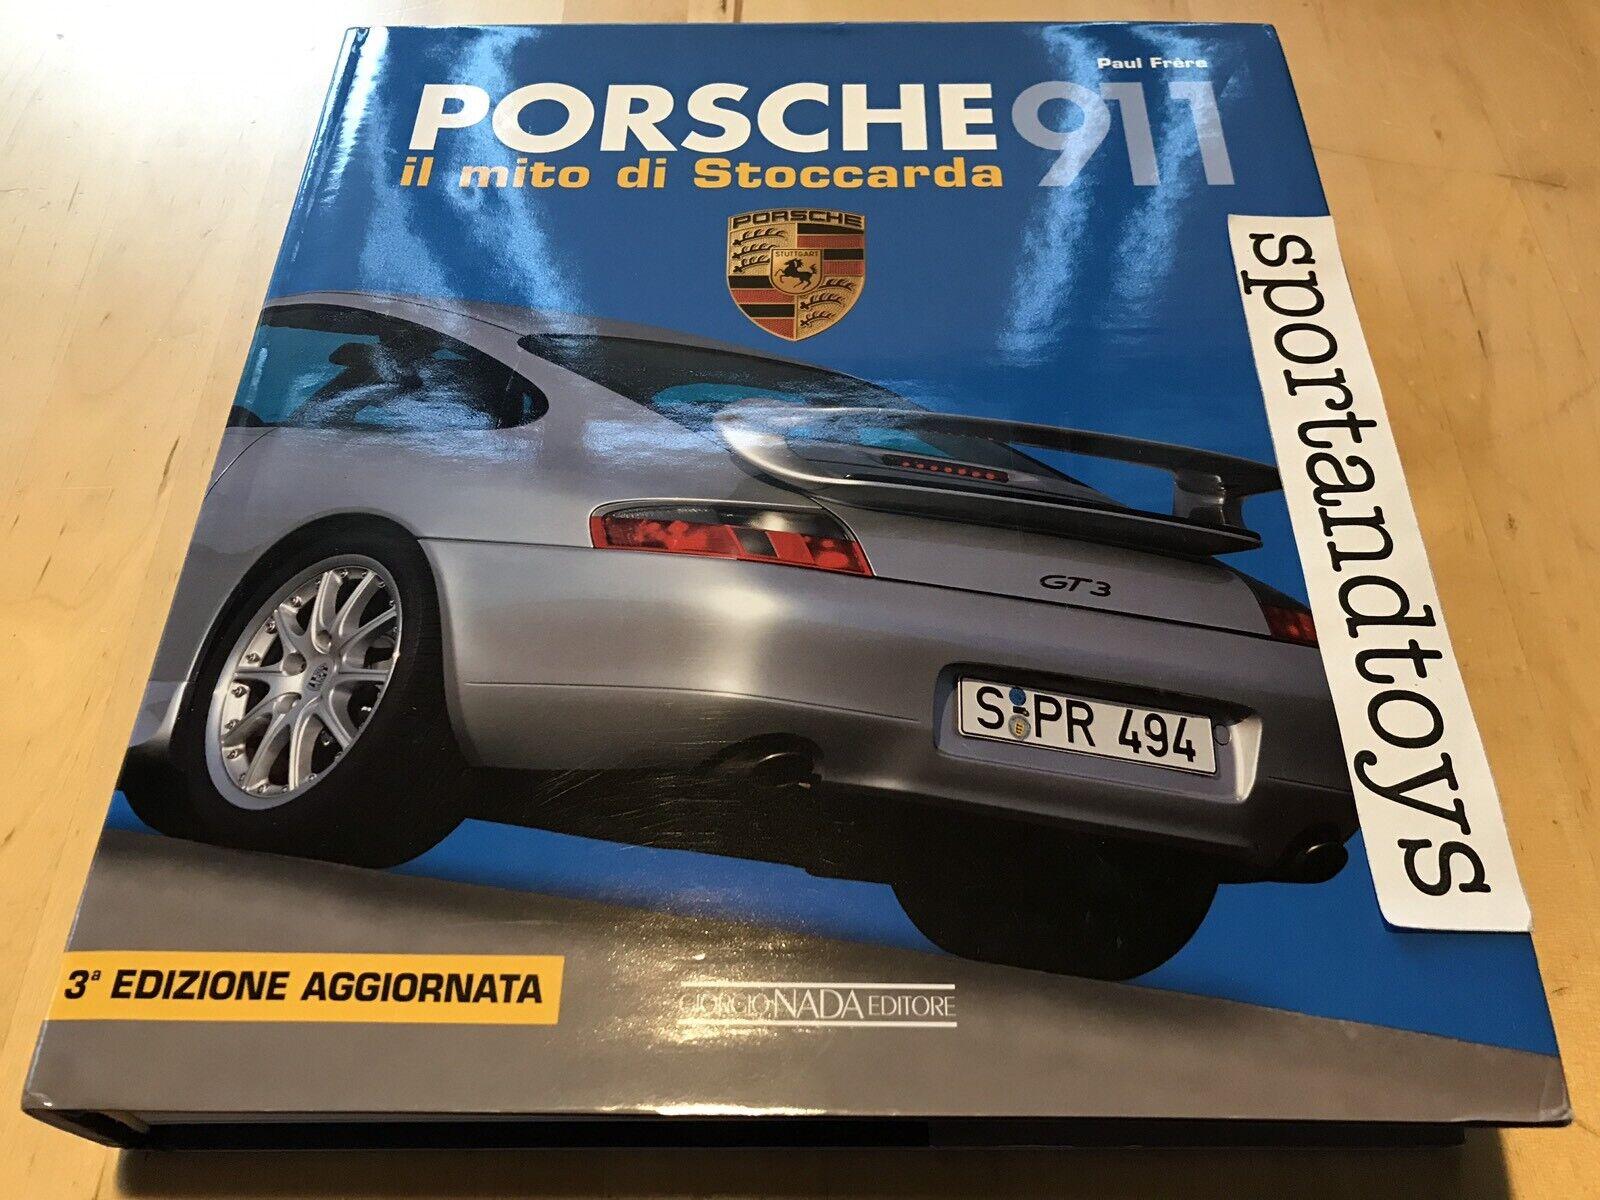 PORSCHE 911 IL MITO DI STOCCARDA P.FRERE ED. NADA PAG. 415